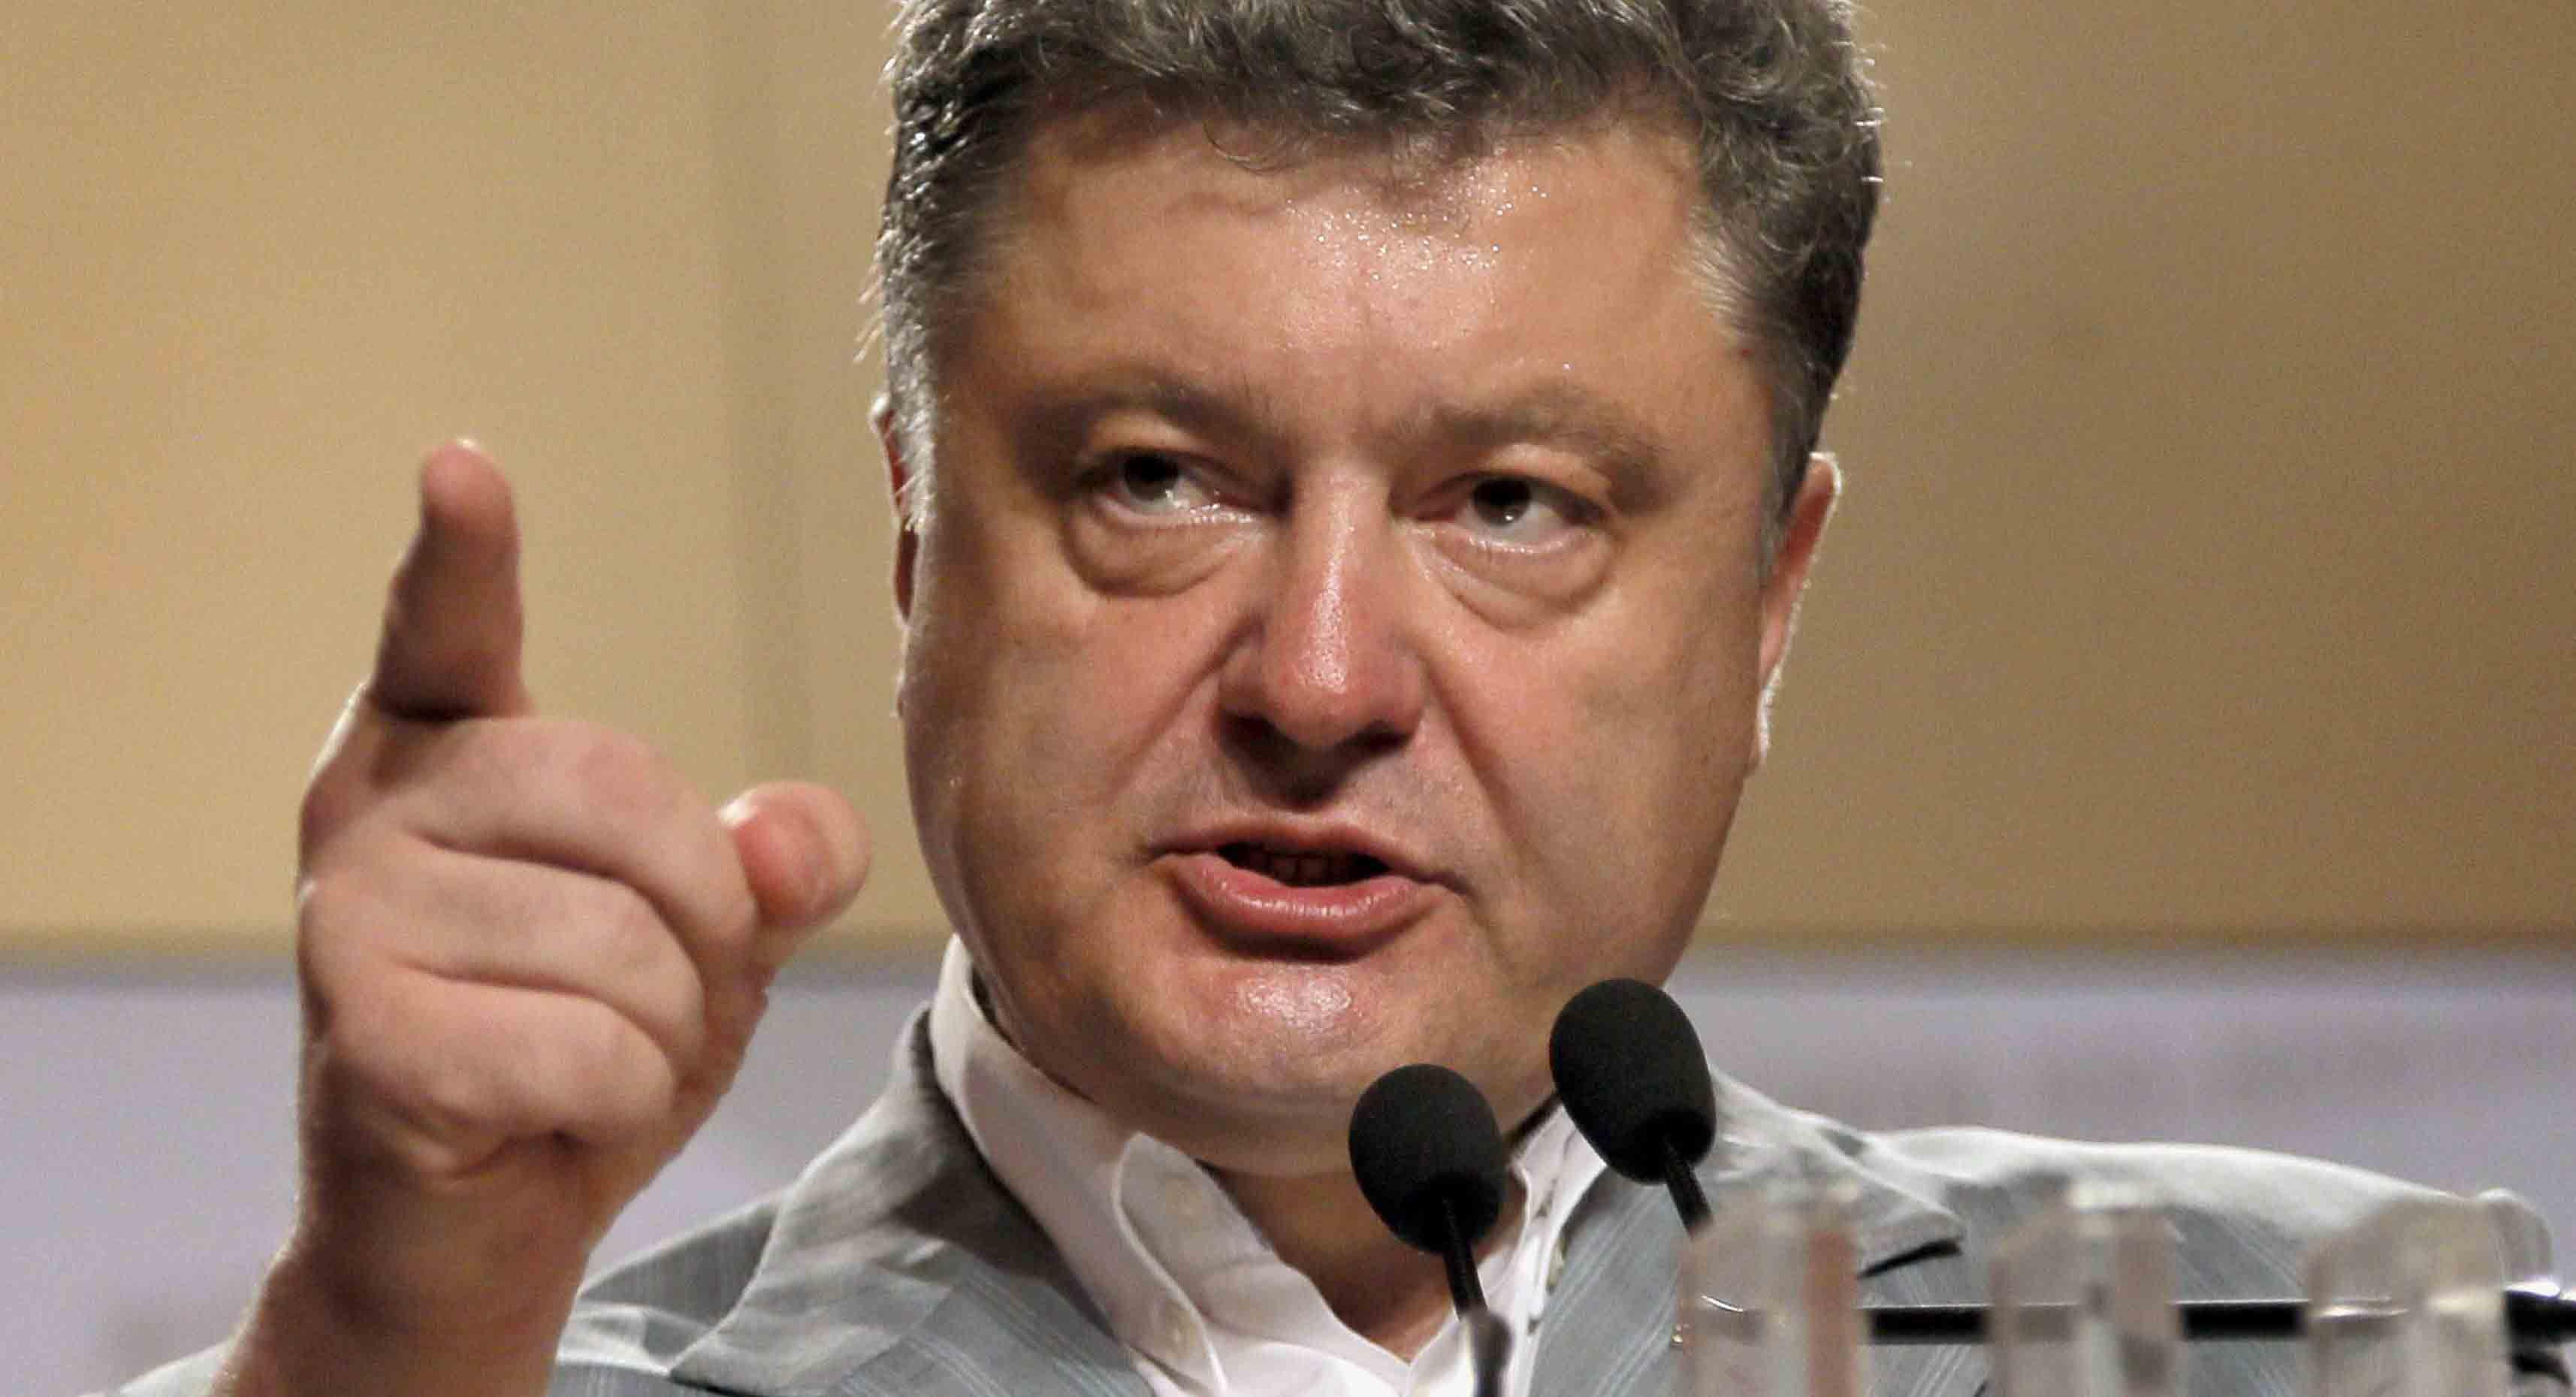 http://russia-insider.com/sites/insider/files/field/image/poroshenko.jpg